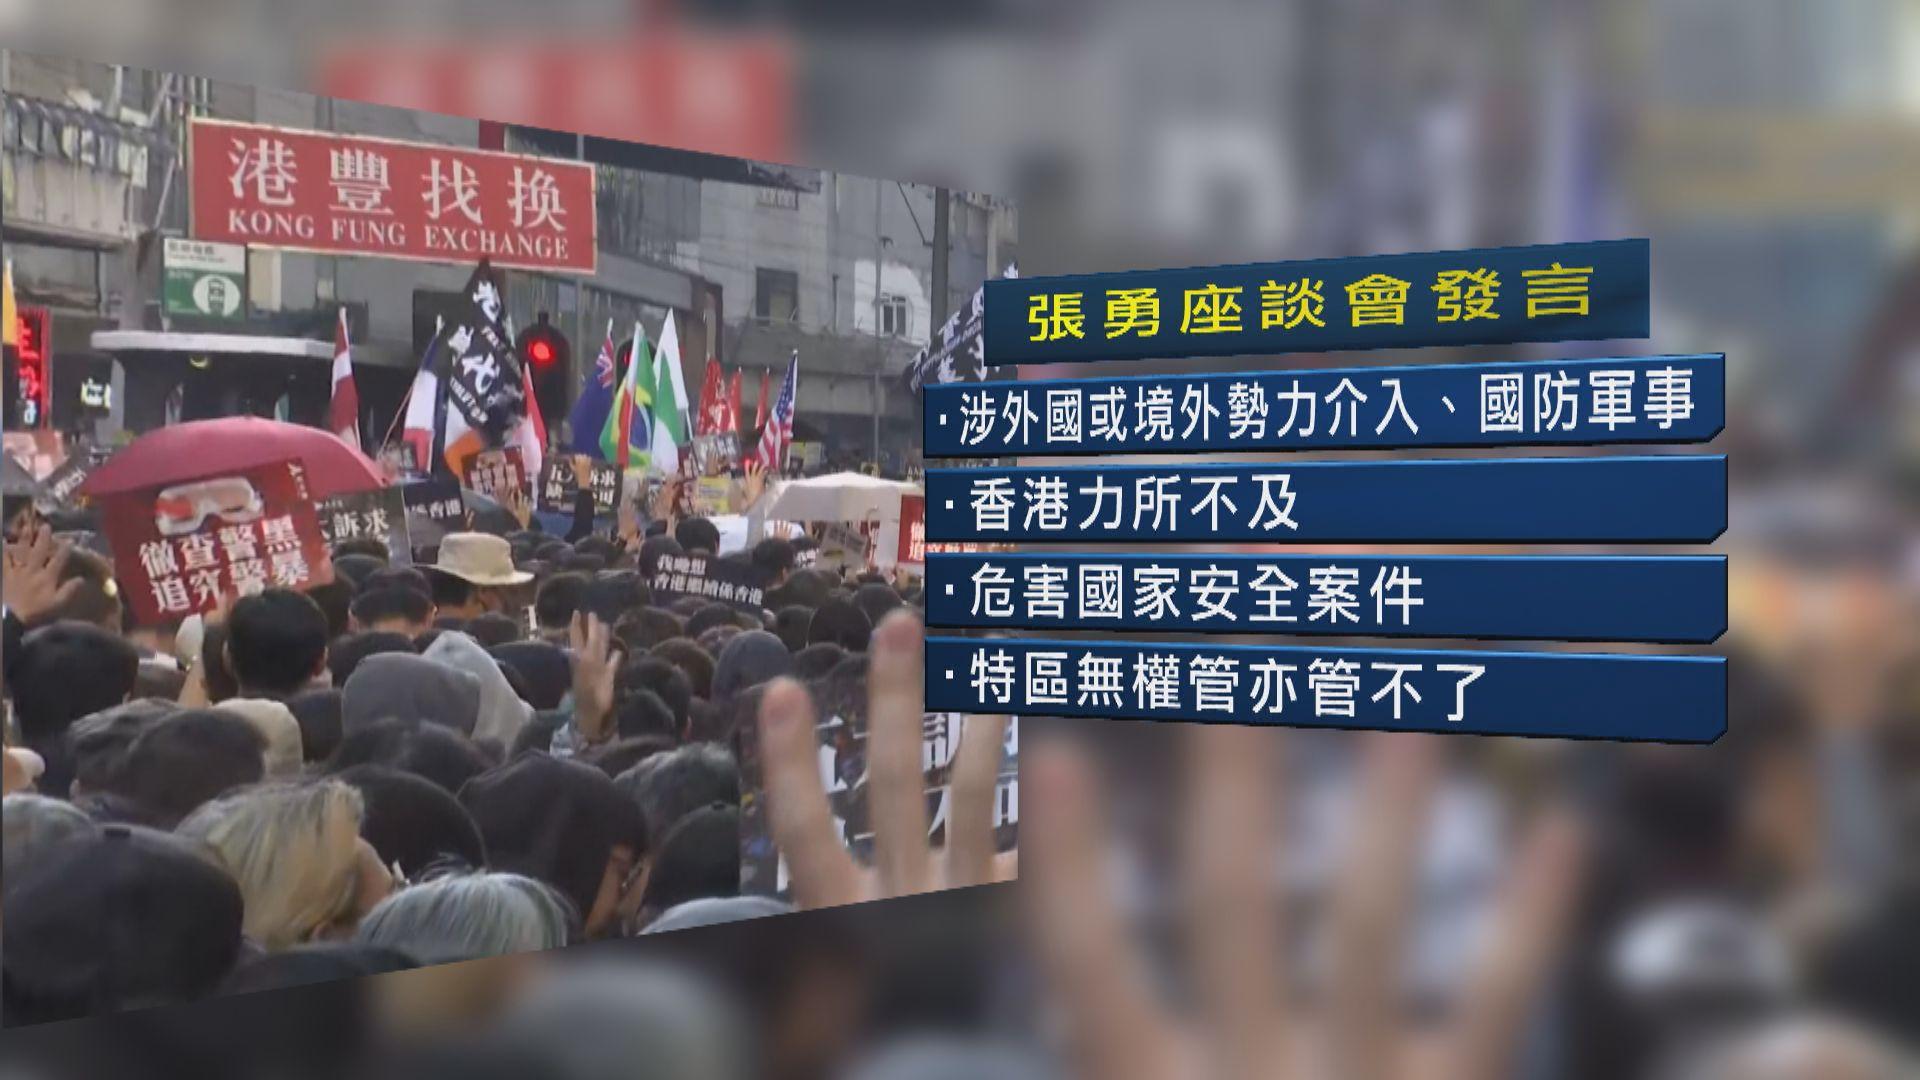 【即日焦點】法工委副主任張勇:危害國家安全複雜案件香港力所不及 特區管不了;內地專家指三峽大壩變形和防洪無必然關聯